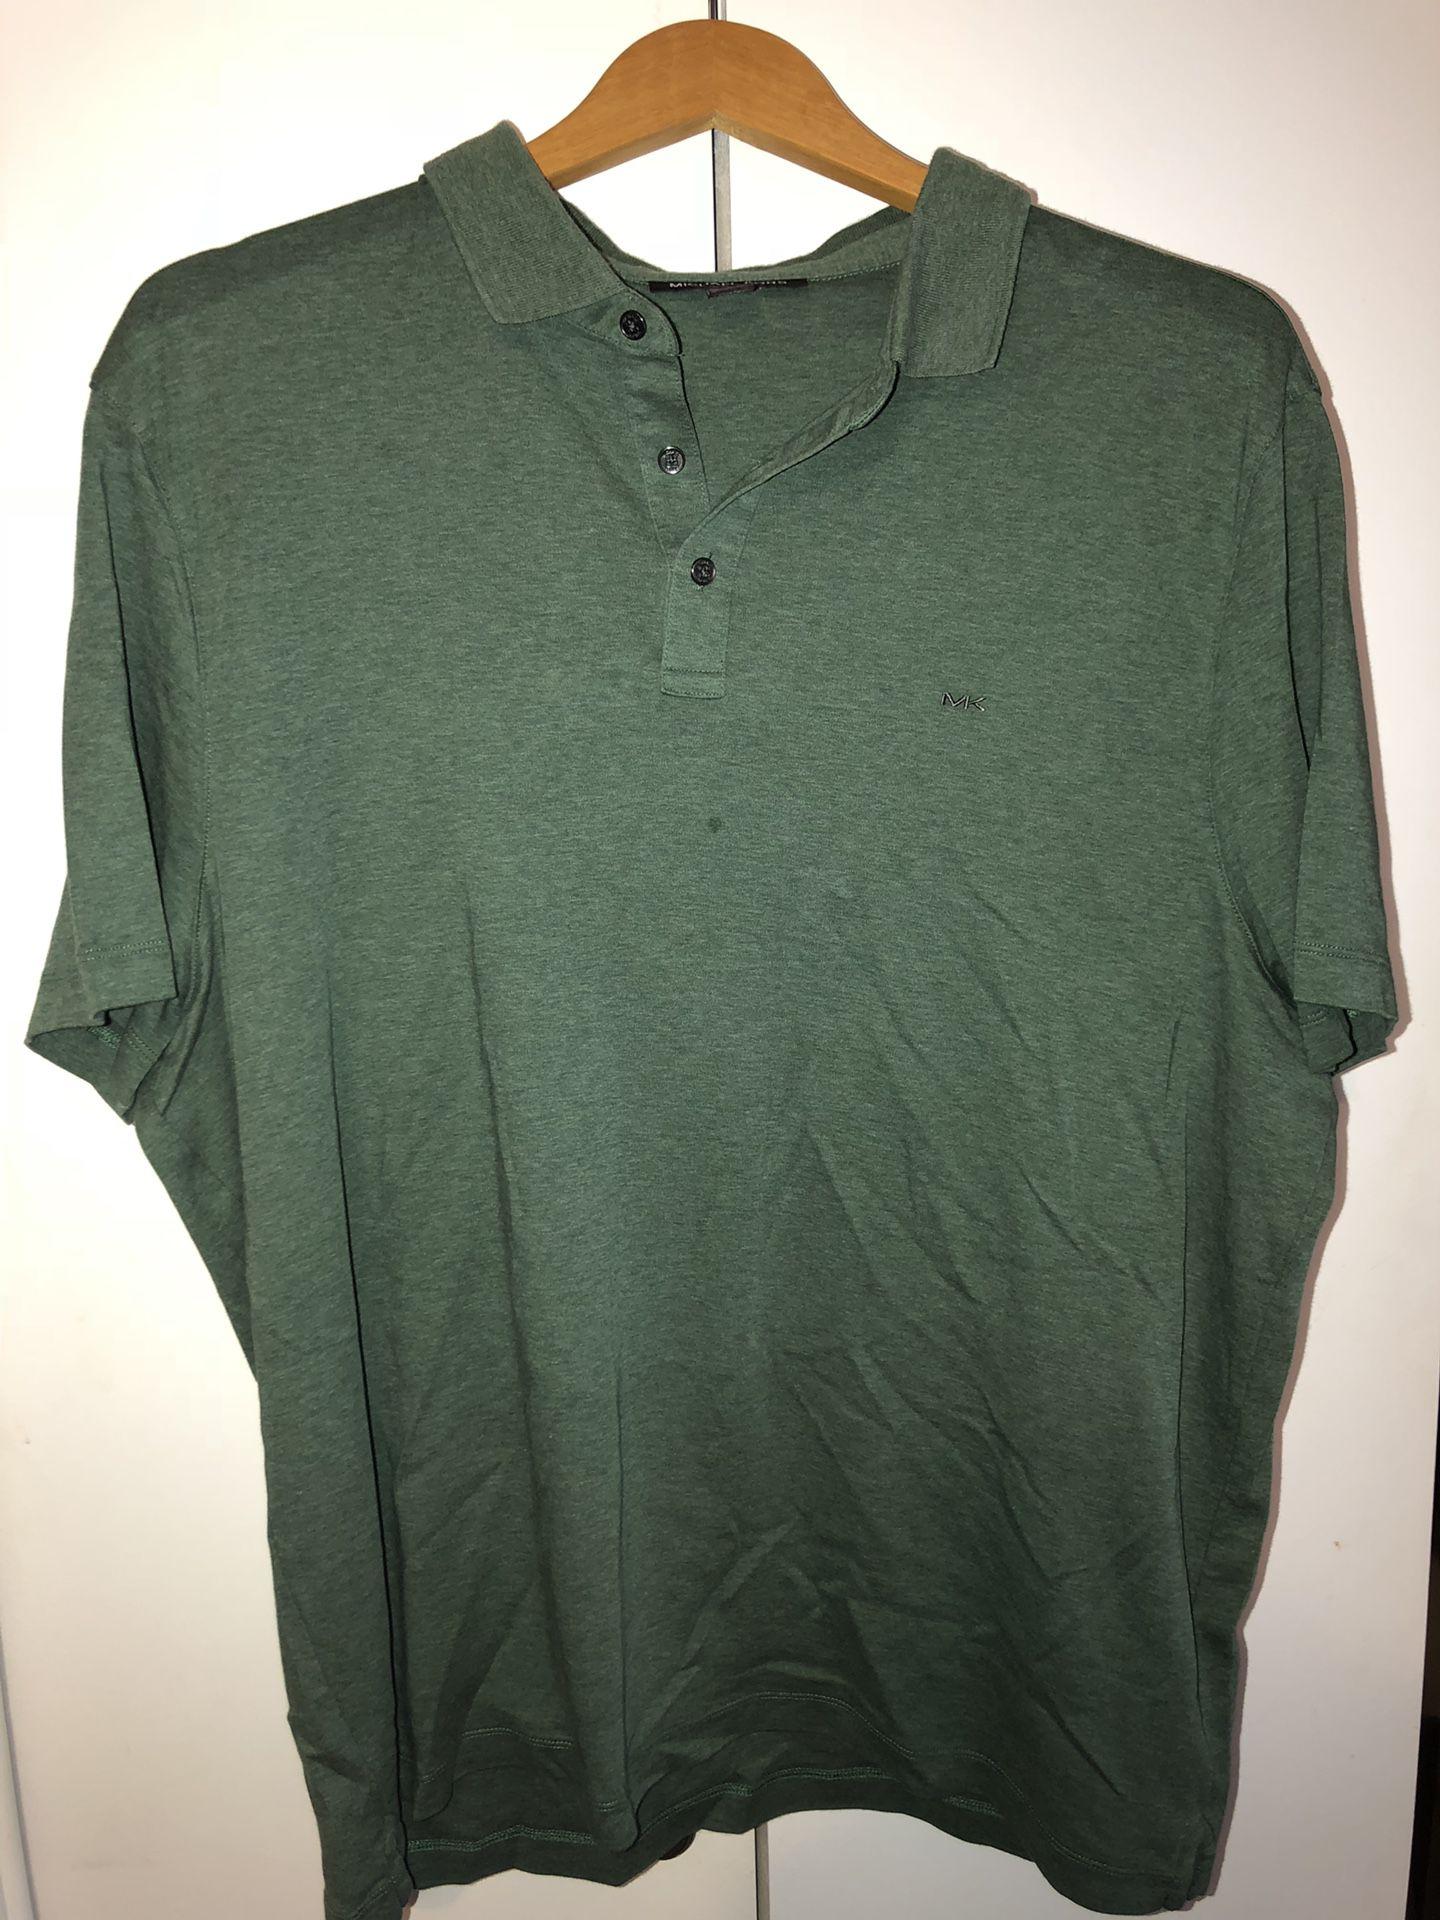 MICHEAL KORS men Green polo shirt